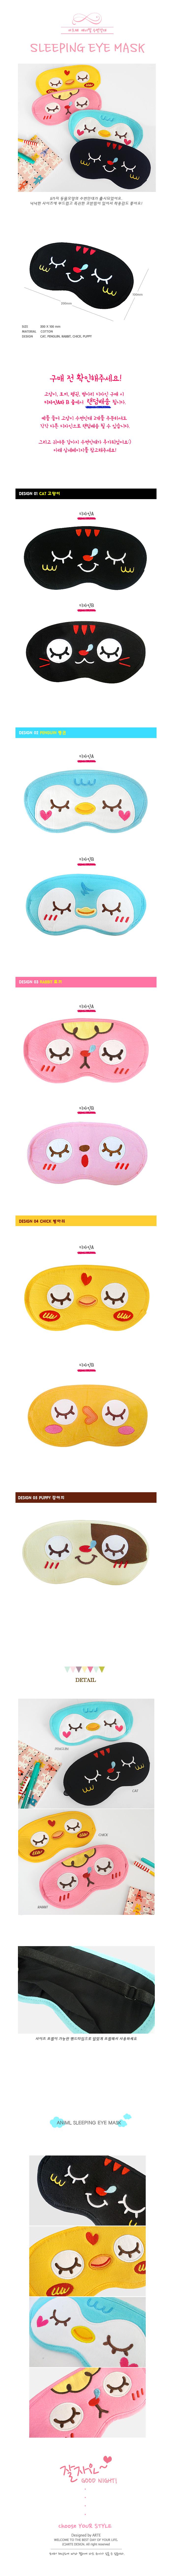 애니멀 수면안대 - 아르떼, 3,000원, 편의용품, 목쿠션/안대/슬리퍼